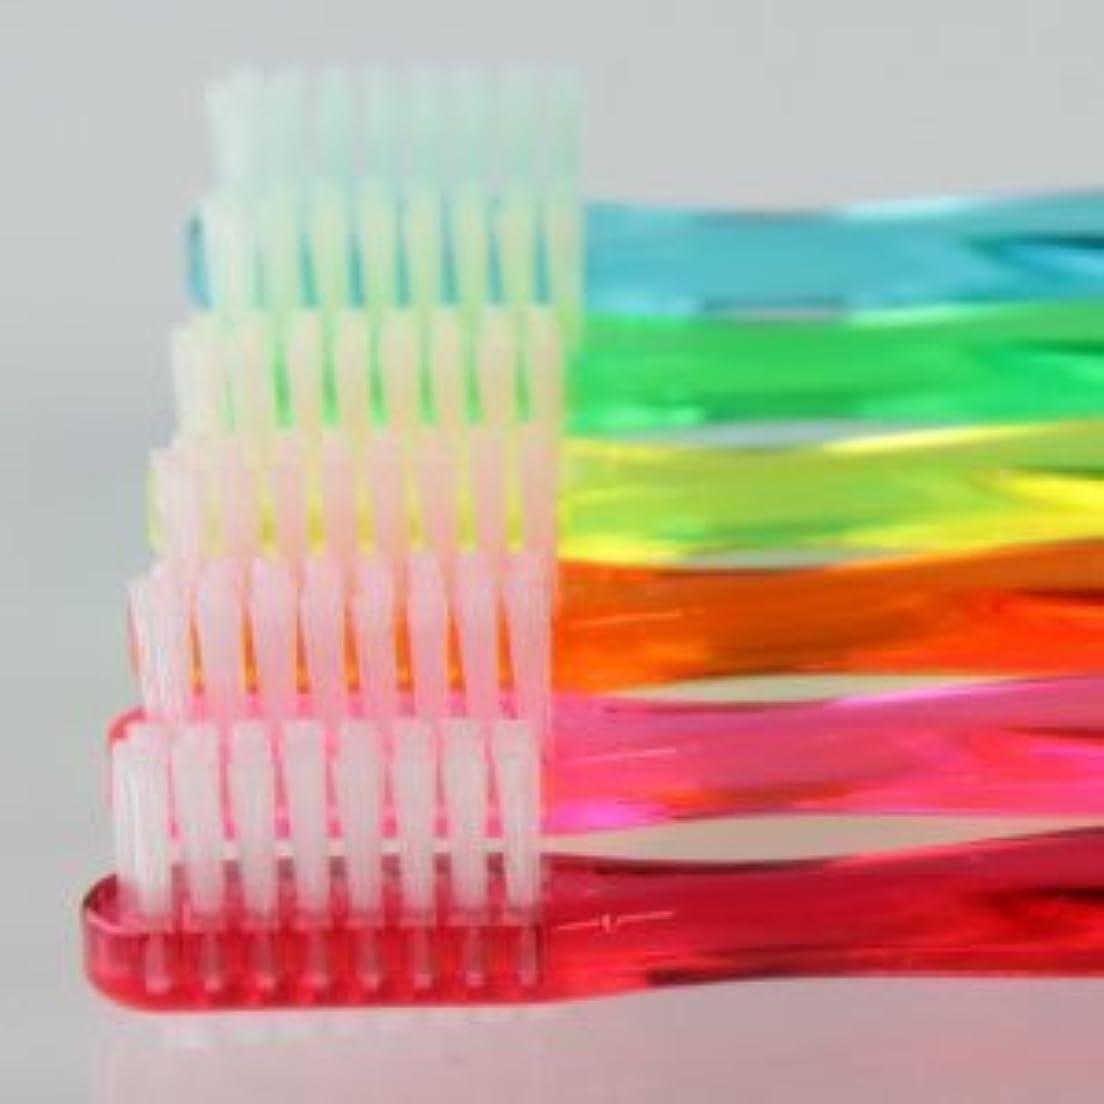 職人取り出す援助するサムフレンド 歯ブラシ #11(乳歯?永久歯の混合歯列期向け) 6本 ※お色は当店お任せです